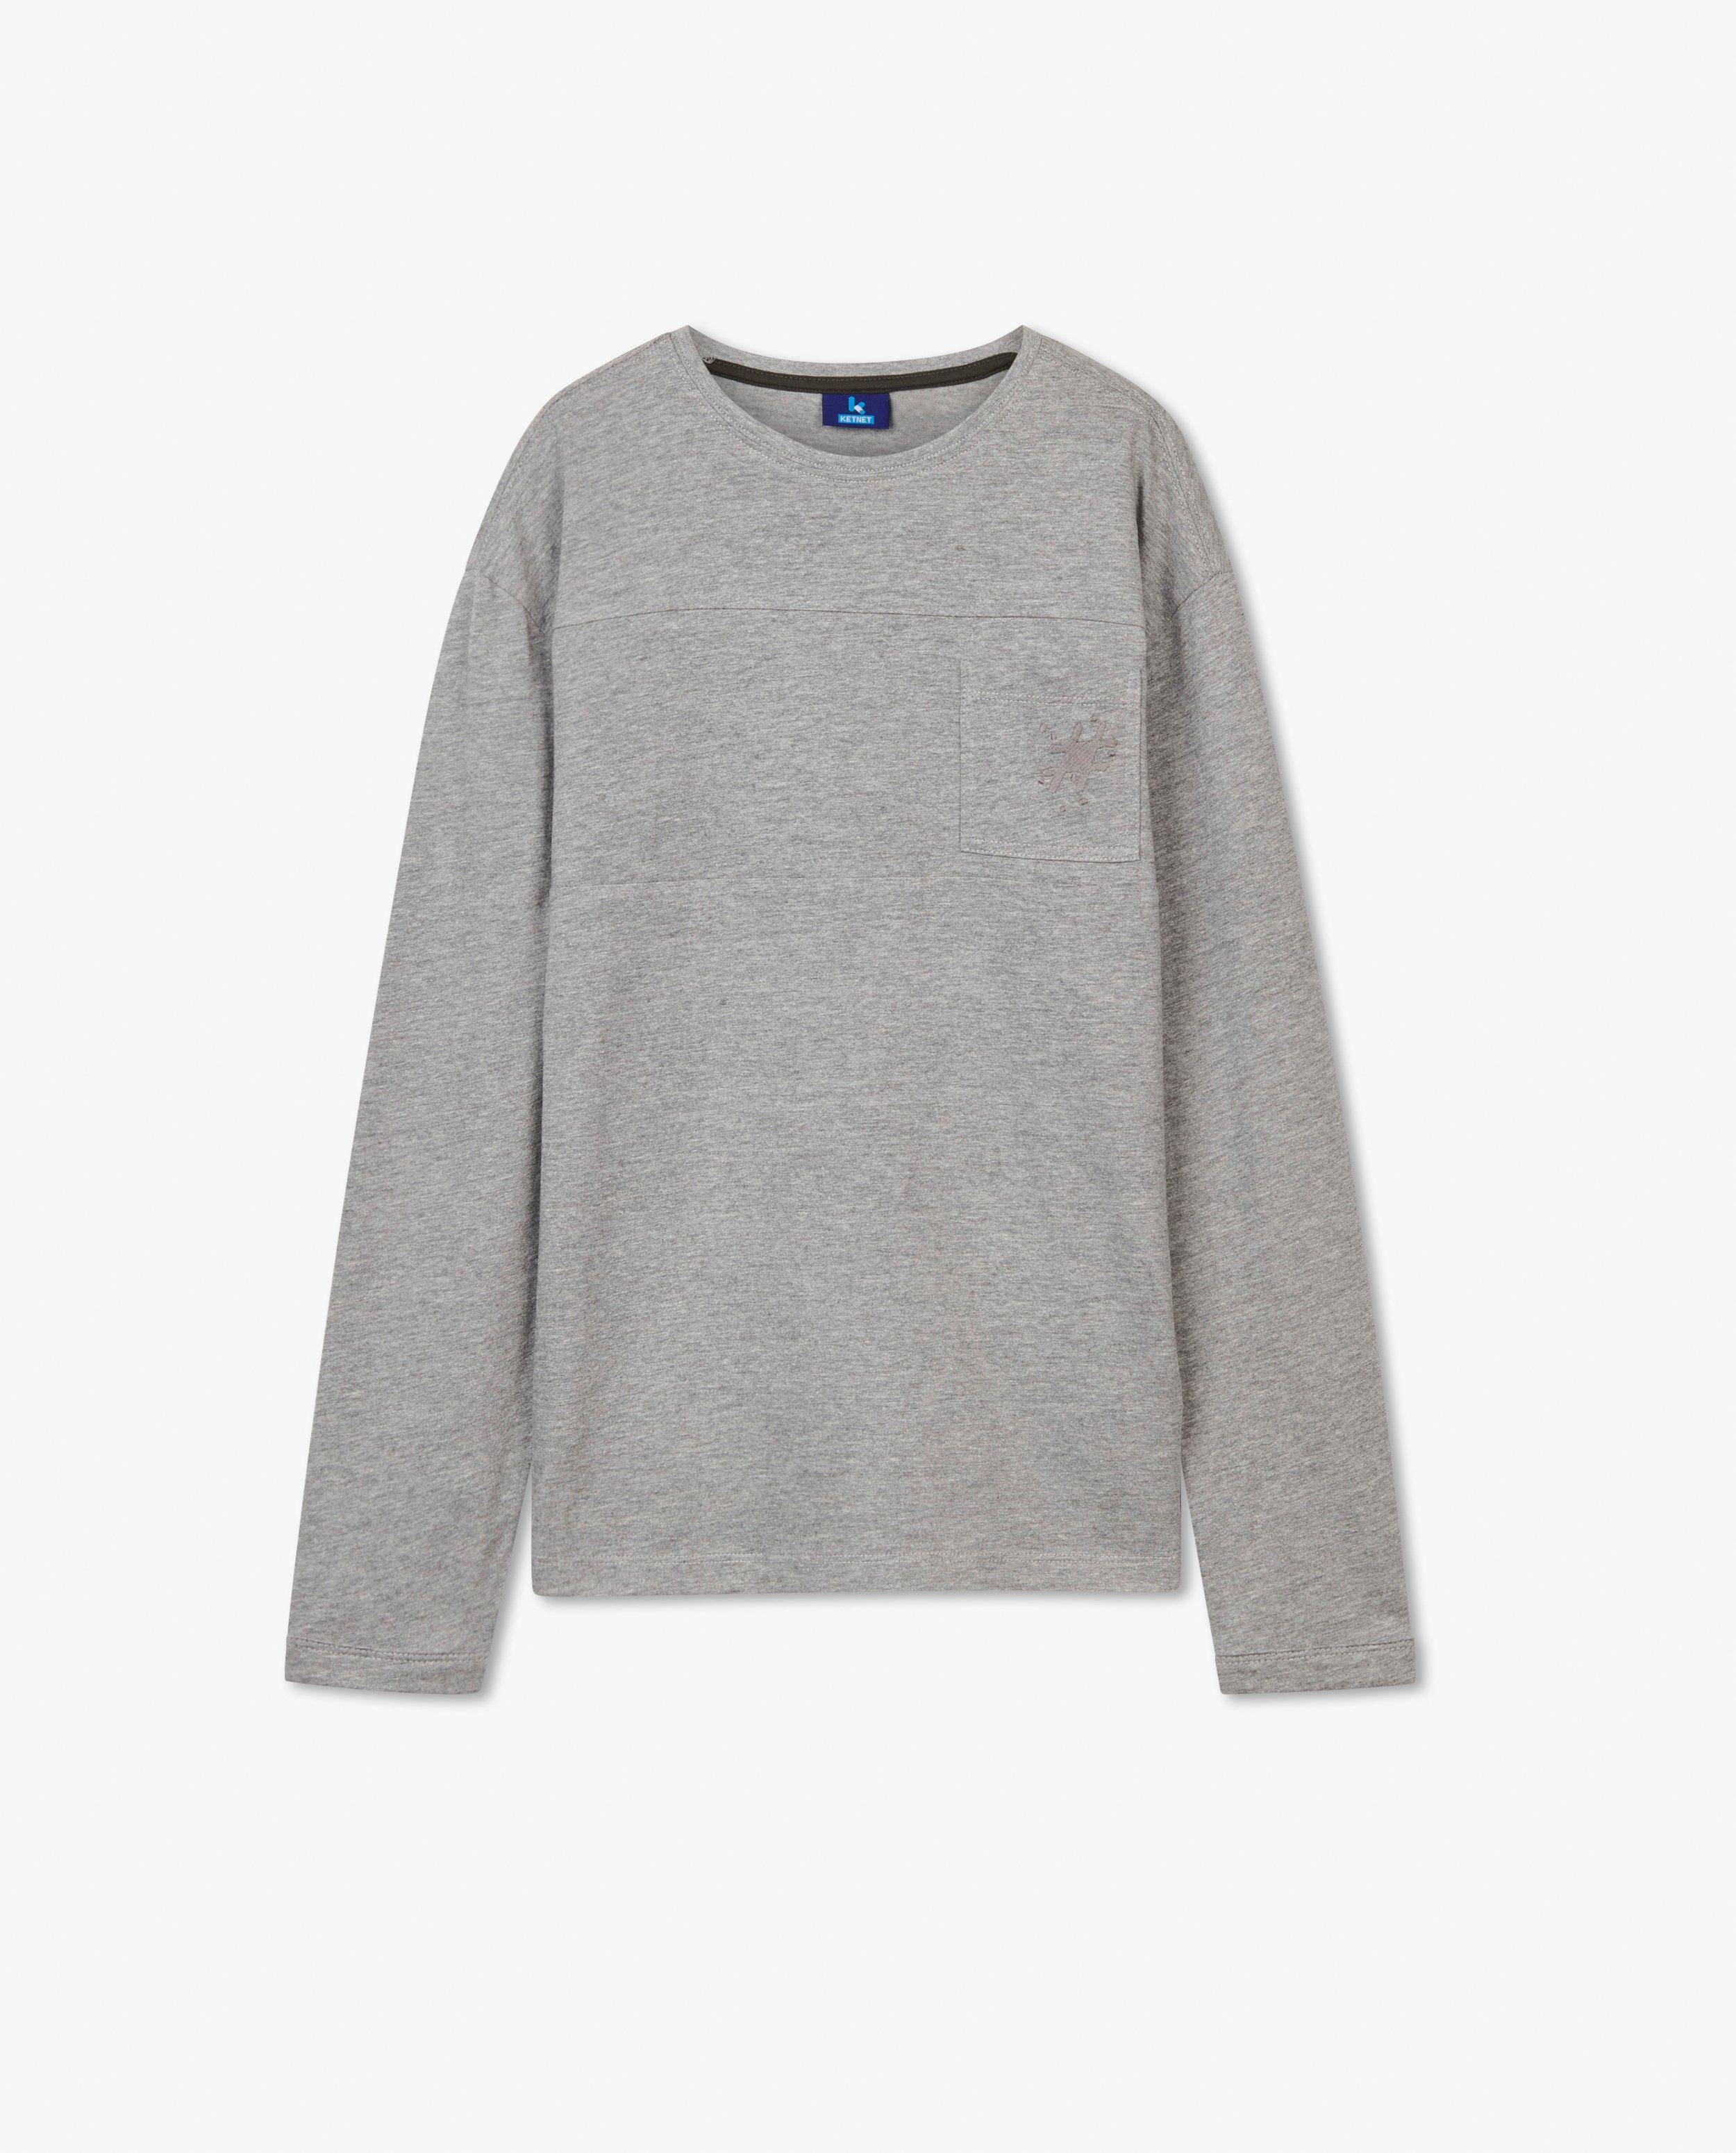 T-shirt gris à manches longues #LikeMe